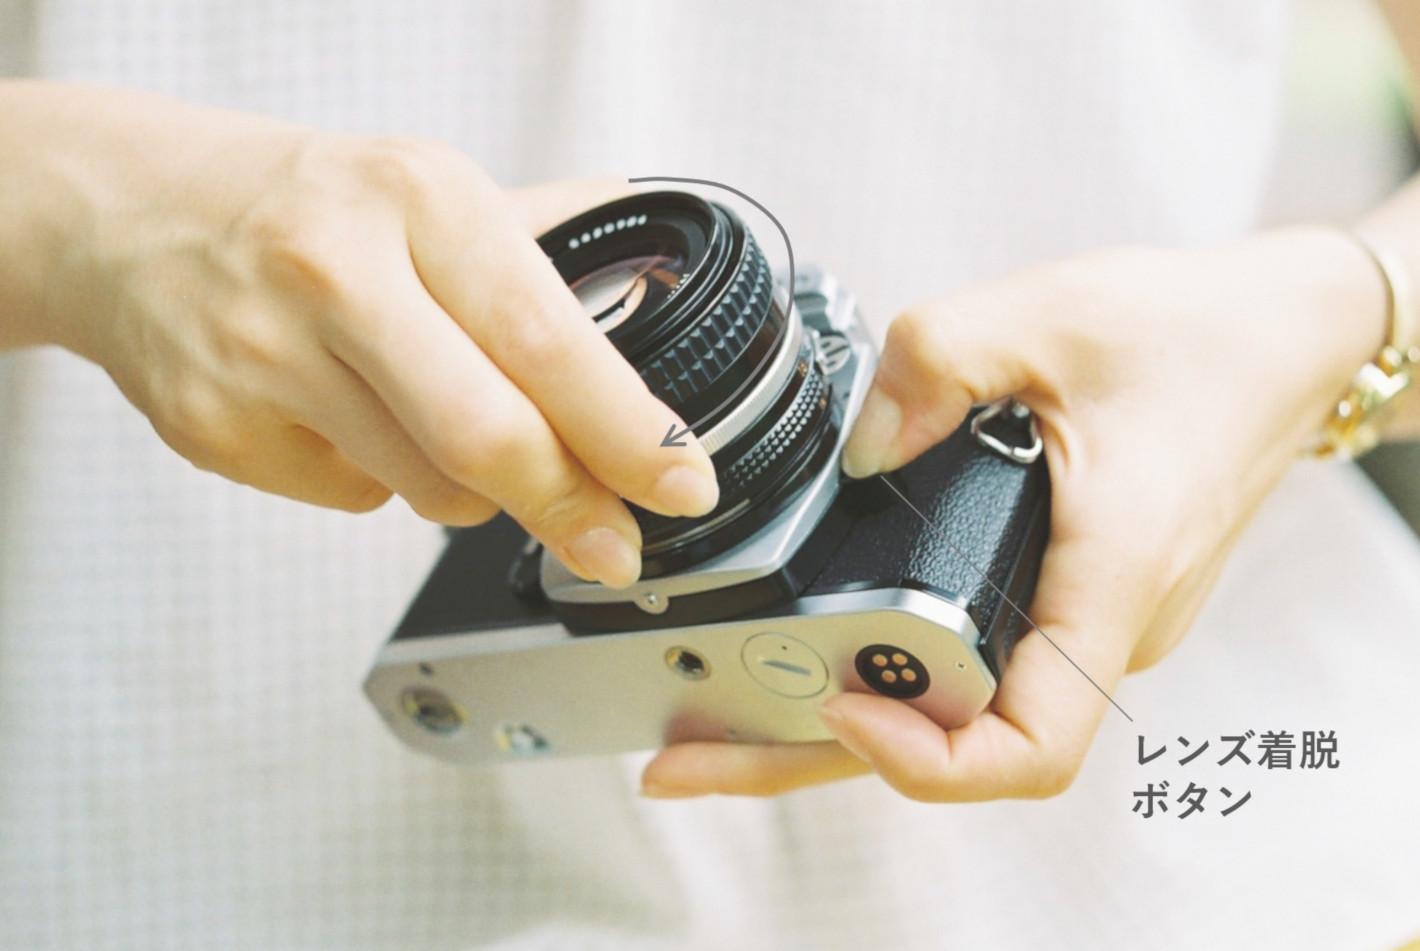 はじめてでも意外と簡単!?フィルムカメラの基本の使い方